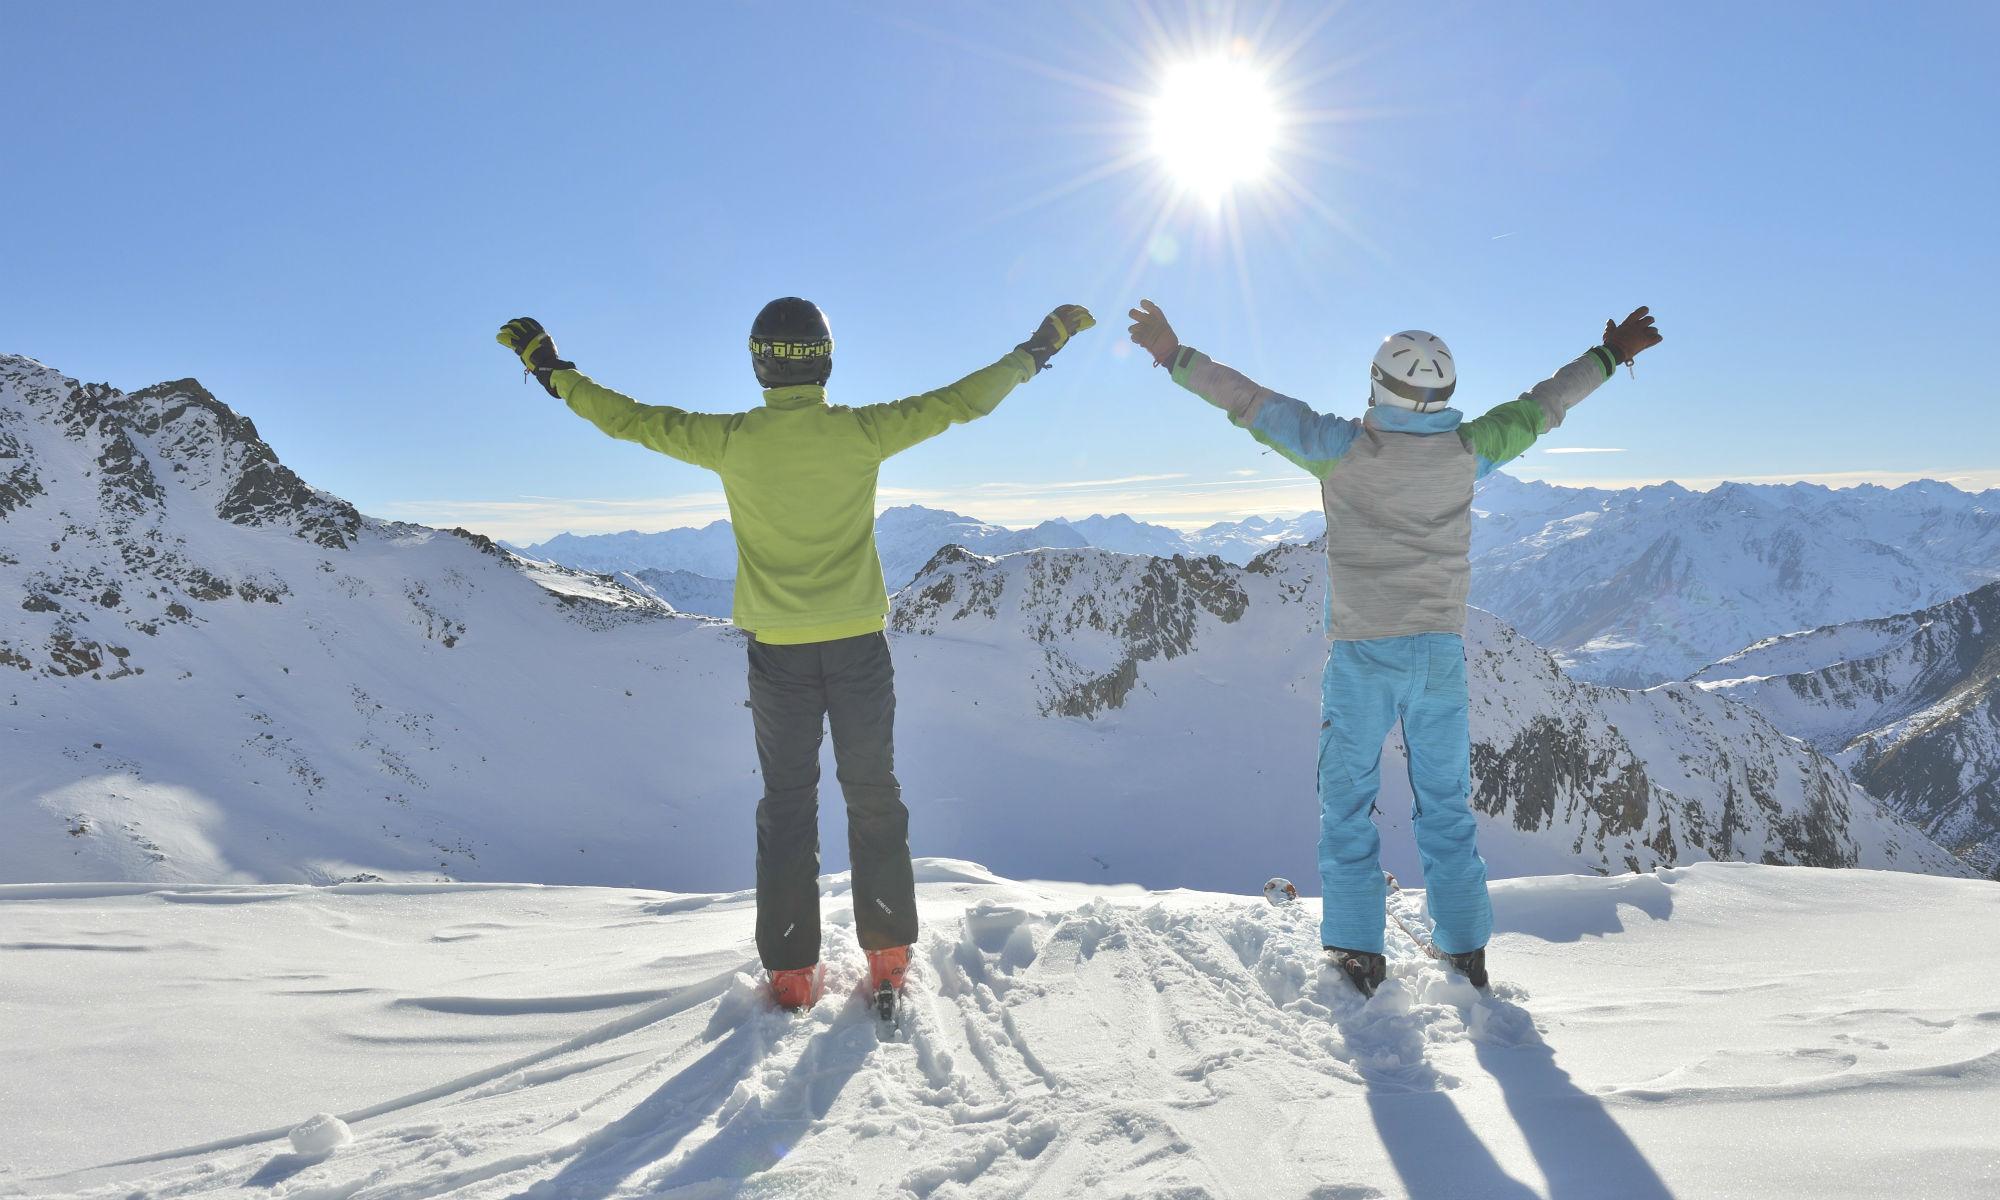 Twee skiërs genieten van een zonnige dag in de bergen.